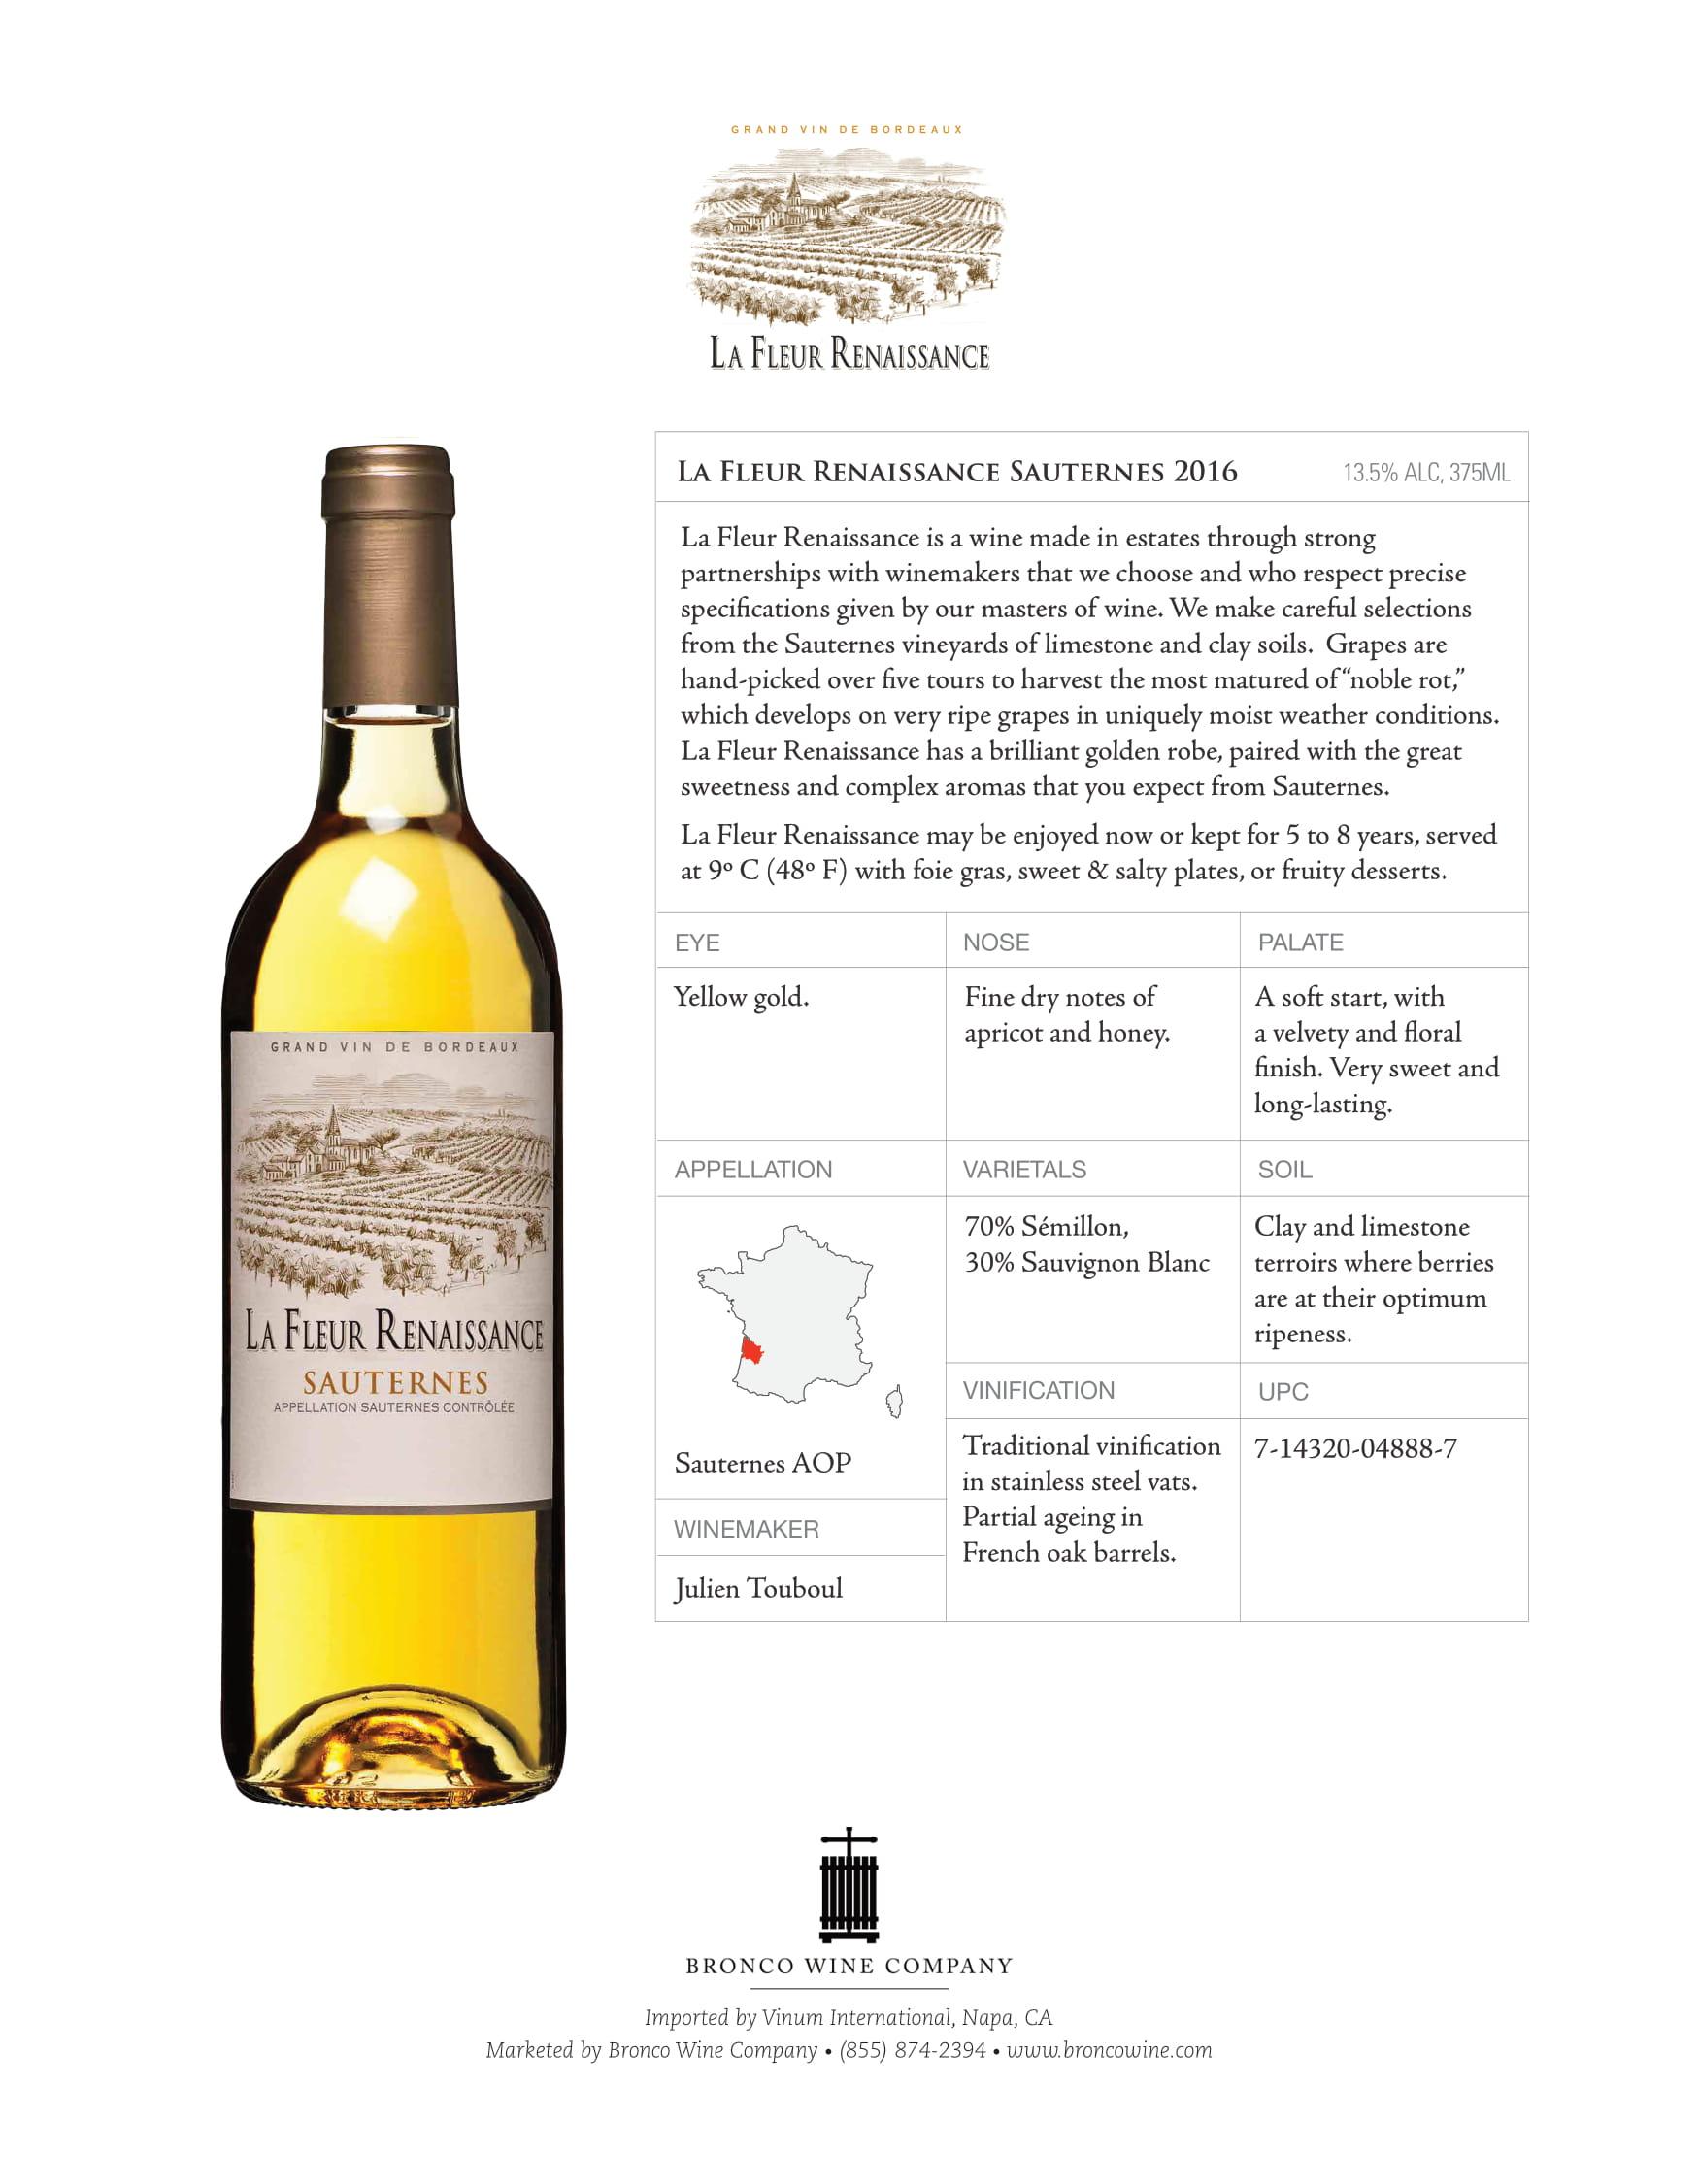 La Fleur Renaissance Sauternes Tech Sheet